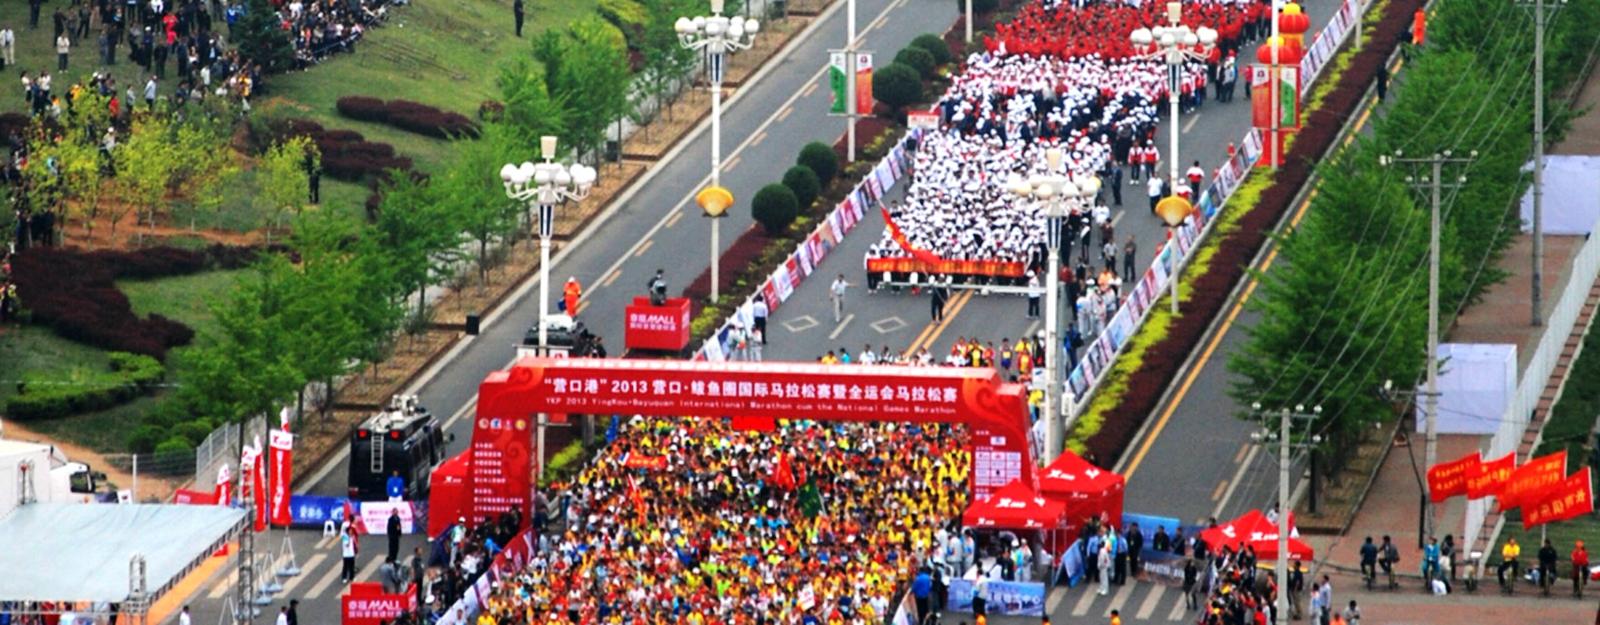 精彩鲅马|2013营口鲅鱼圈国际马拉松赛